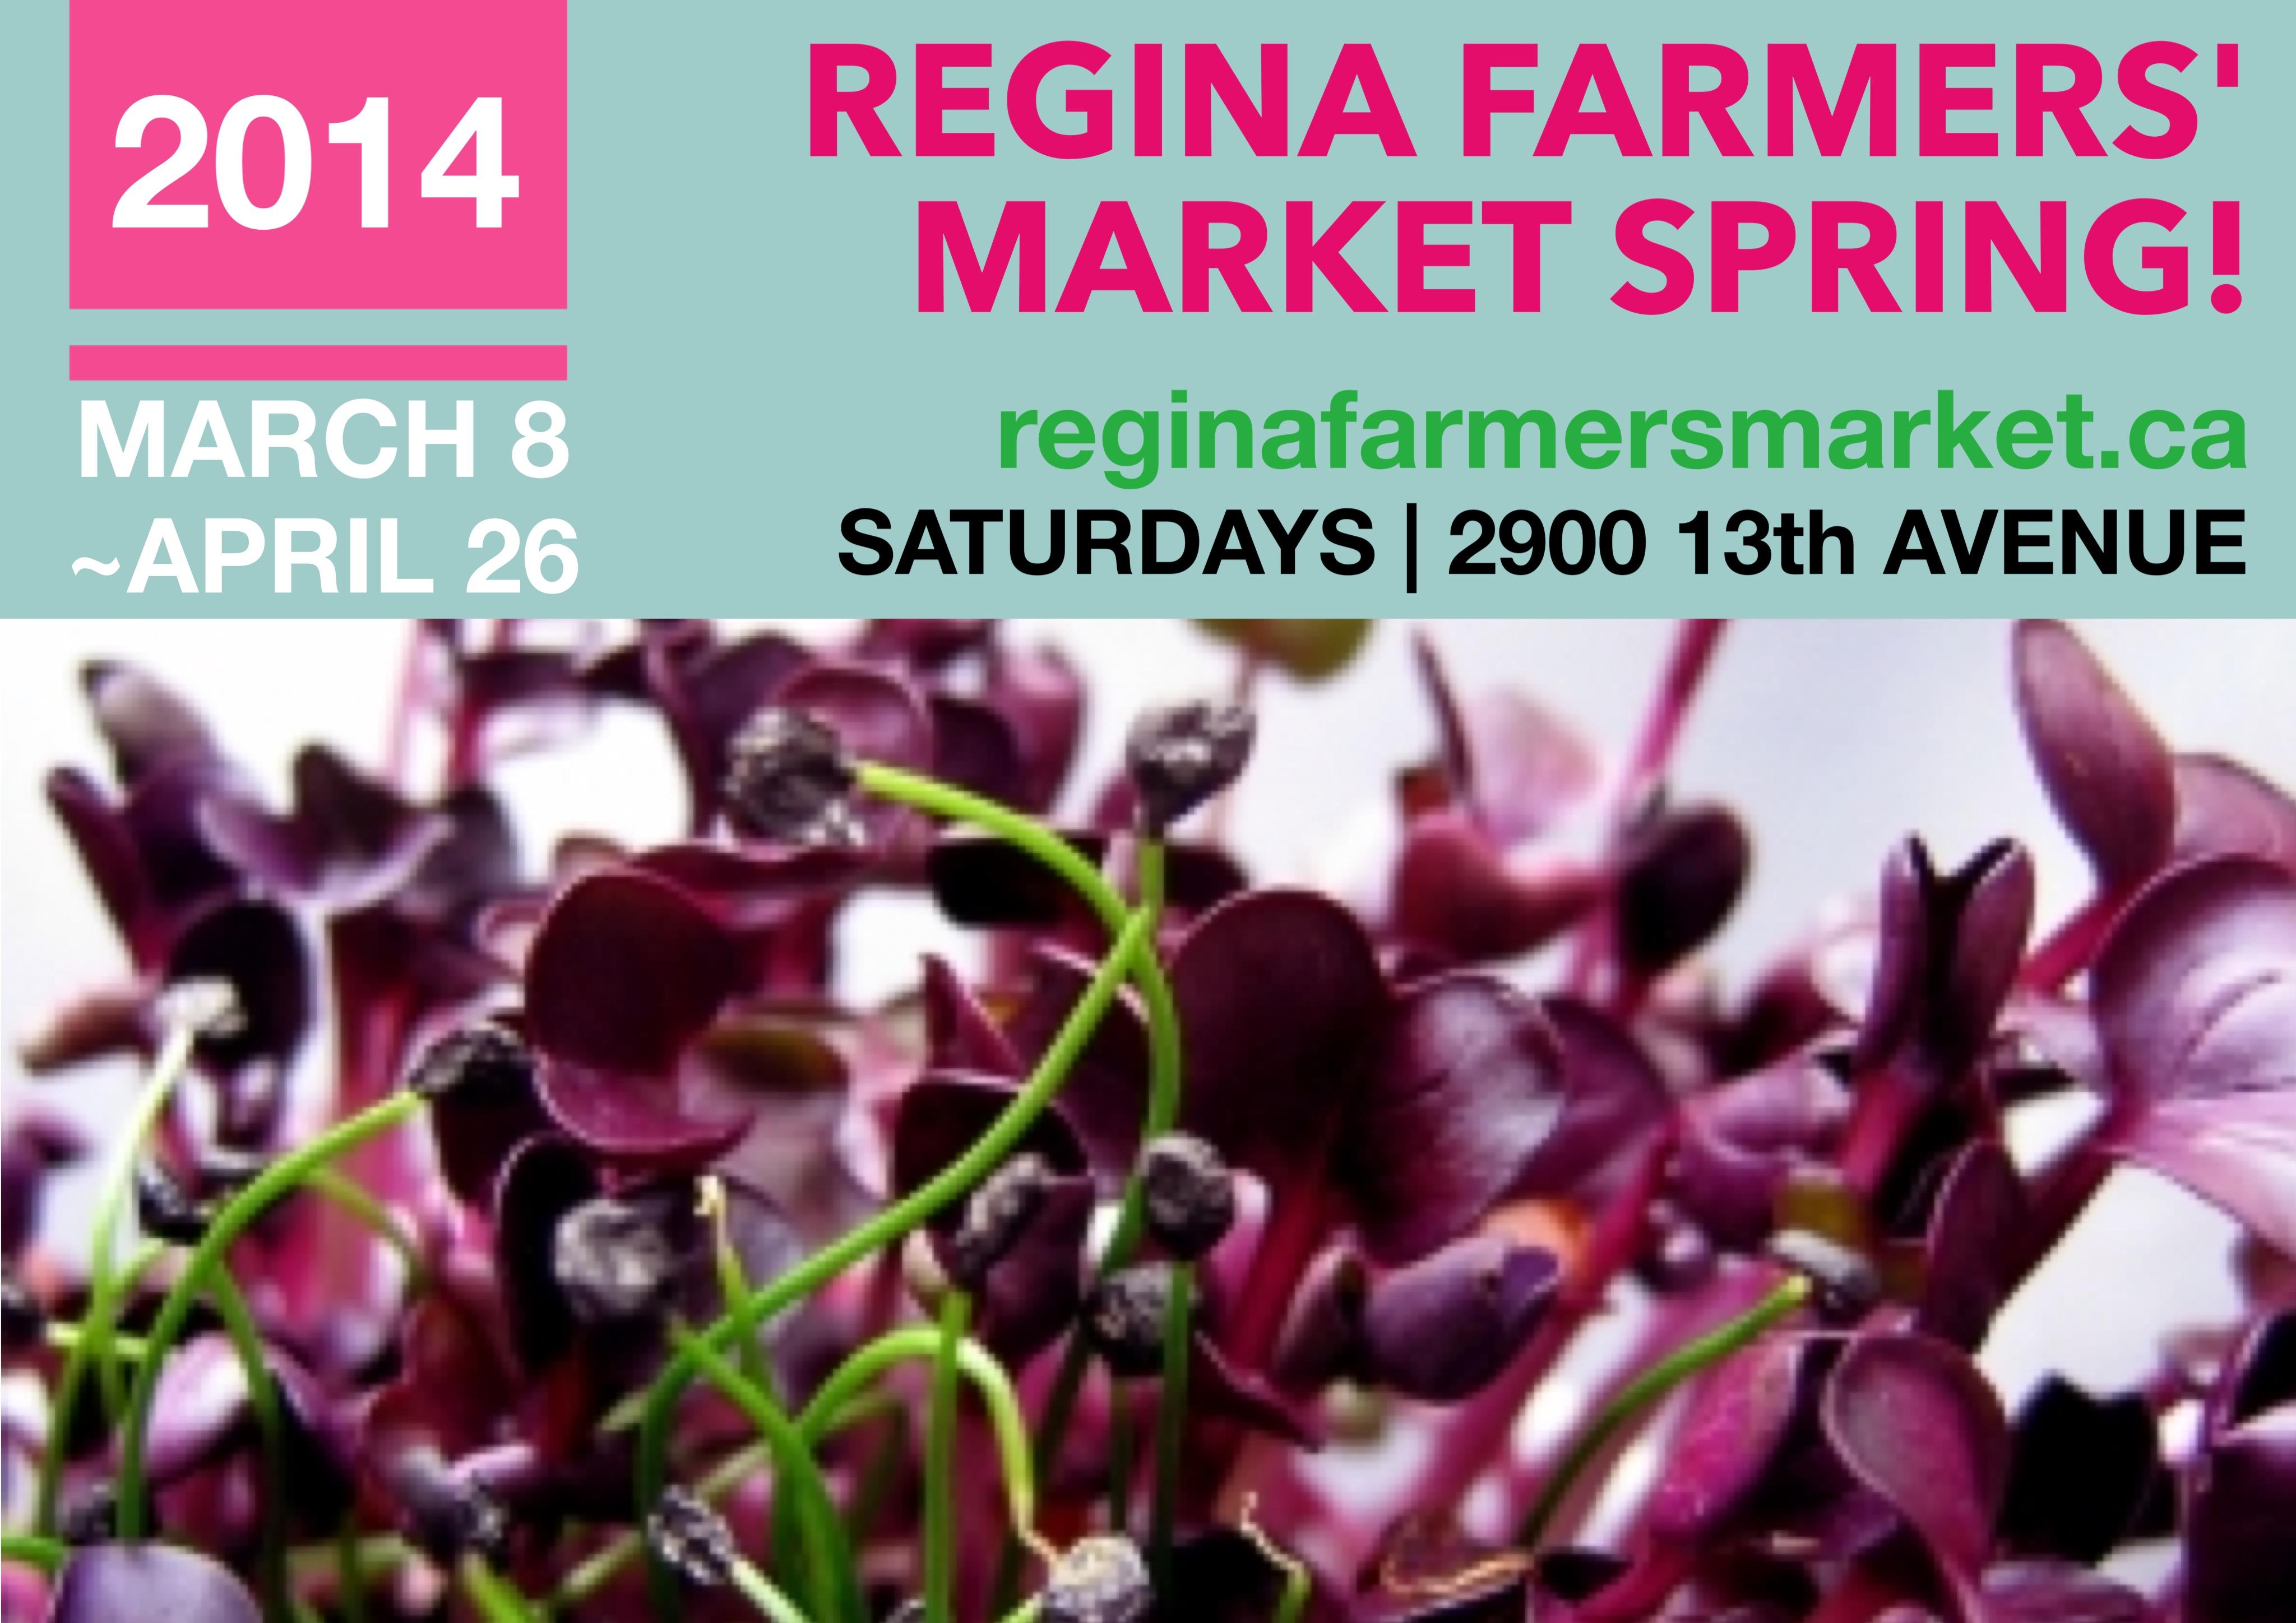 2014 Spring Market Information - Image 2